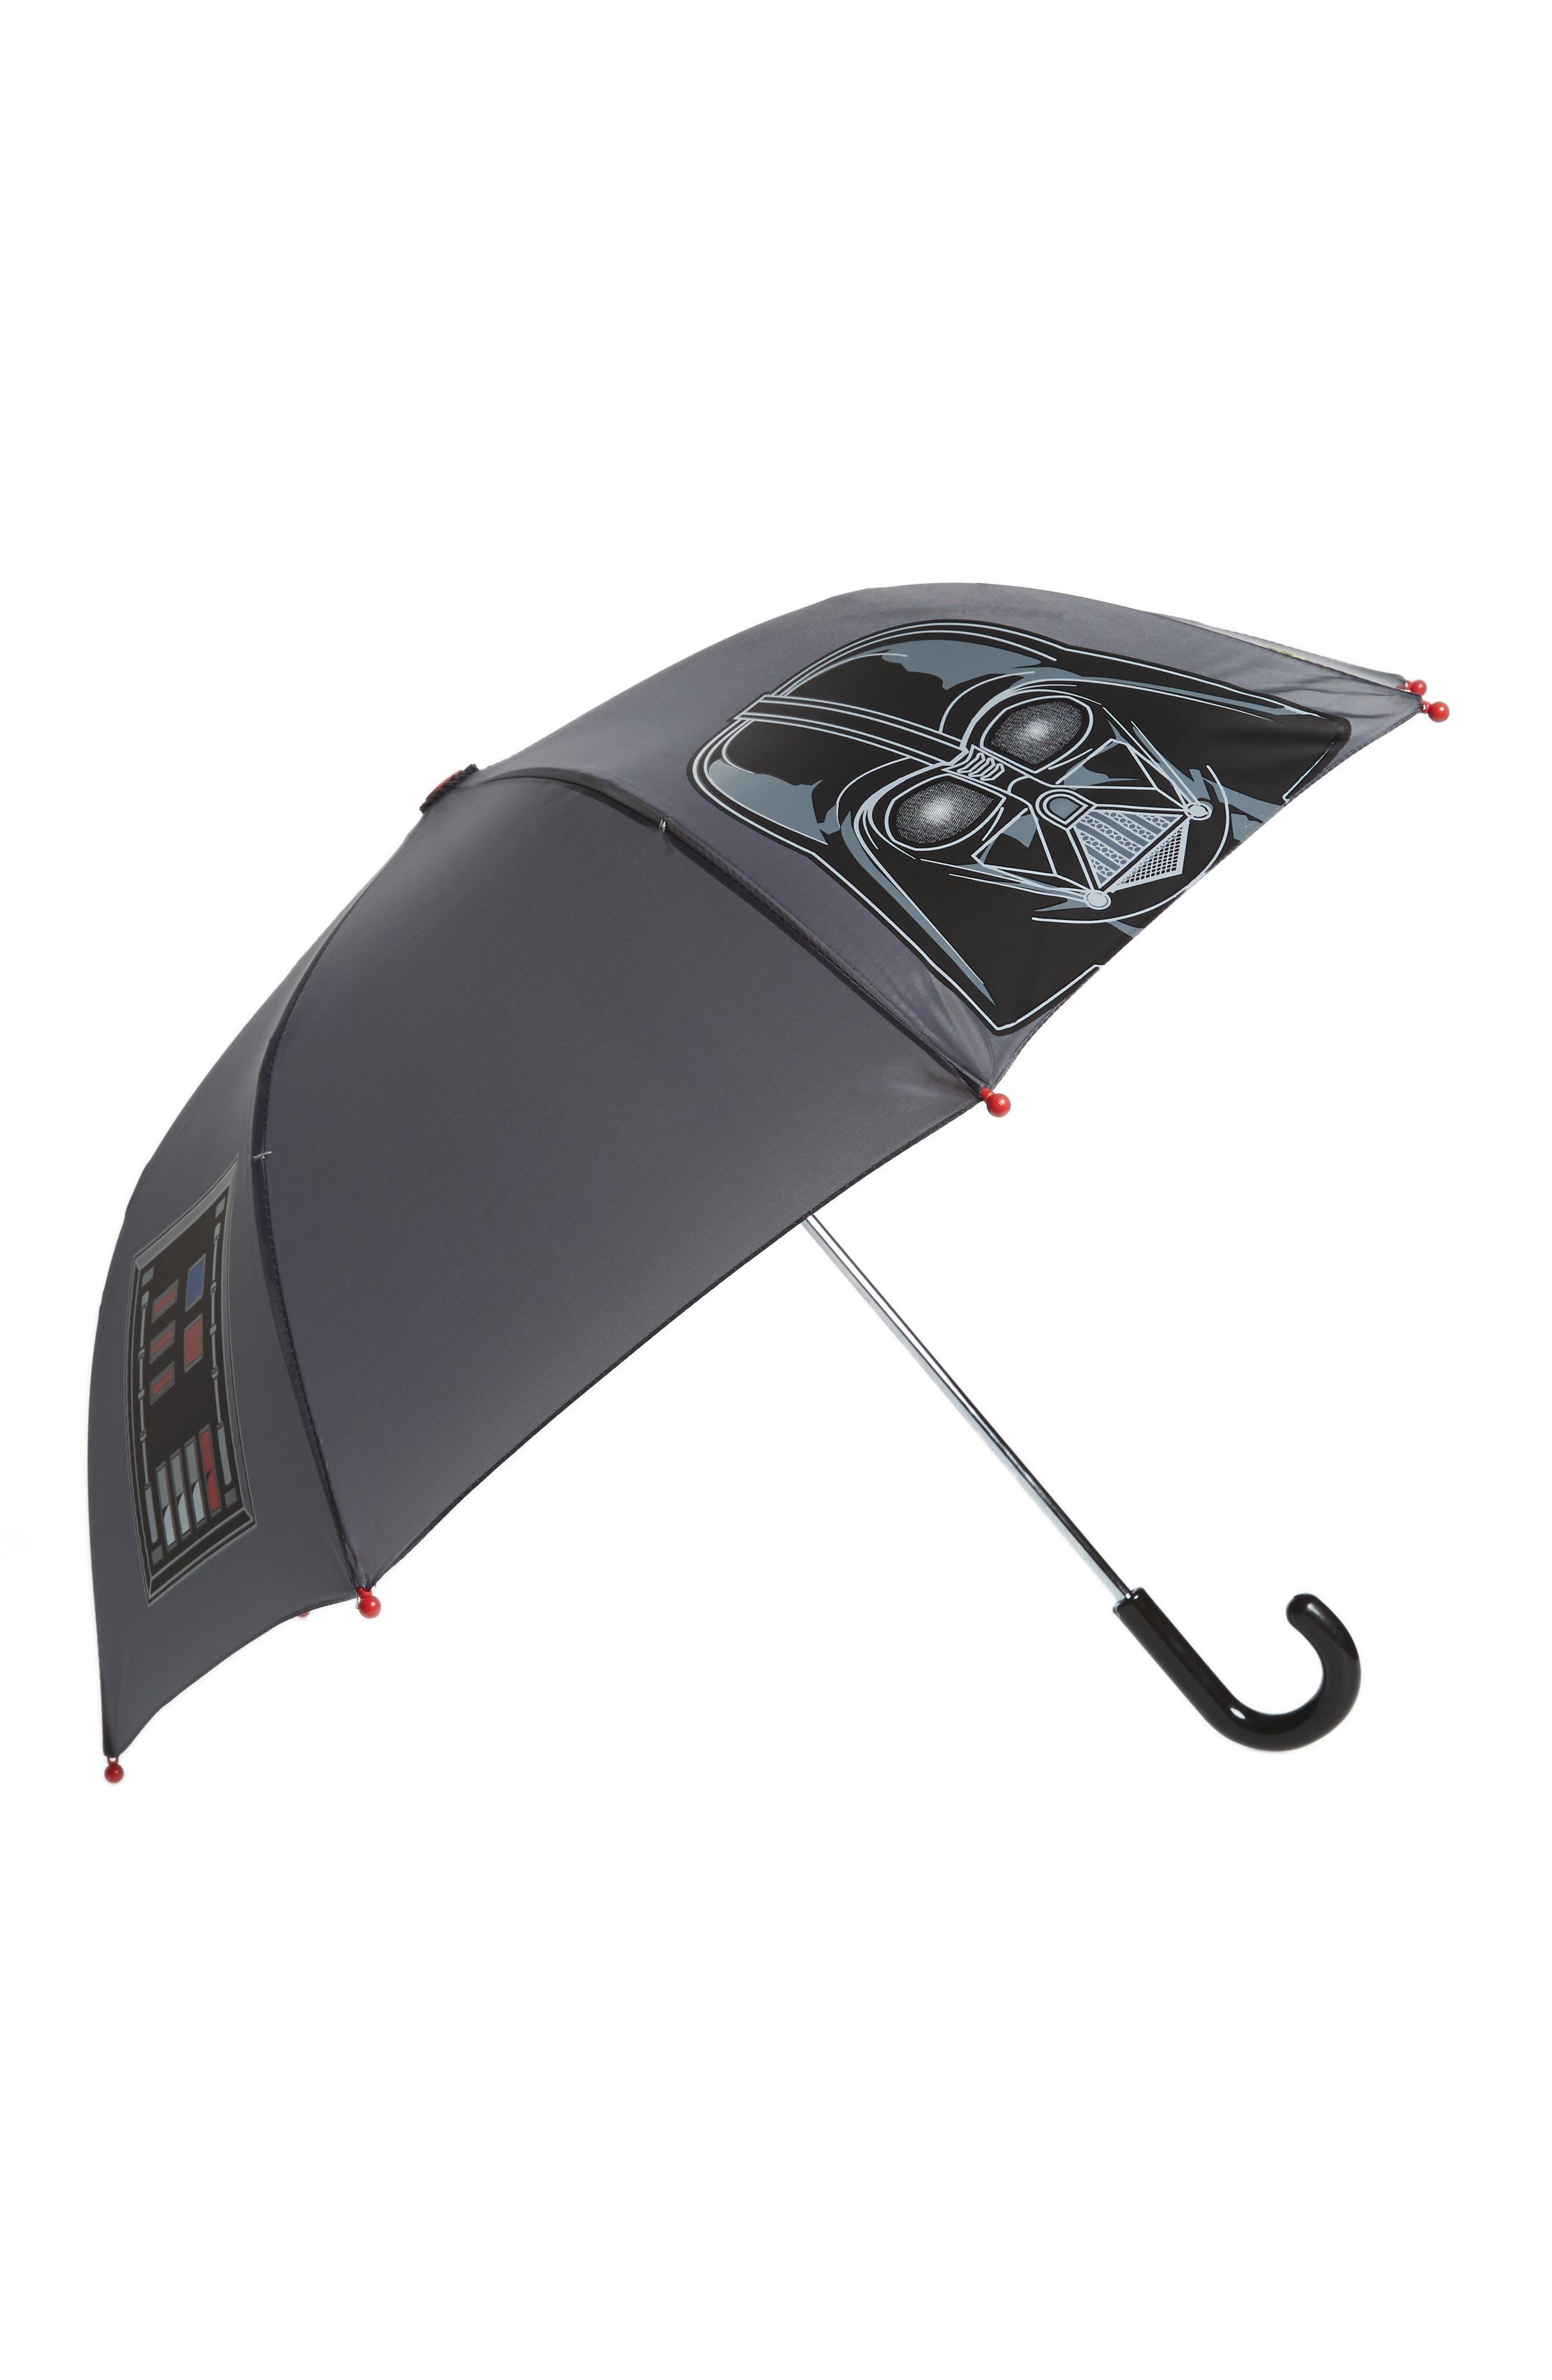 Star Wars<sup>™</sup> Darth Vader Umbrella,                             Main thumbnail 1, color,                             001